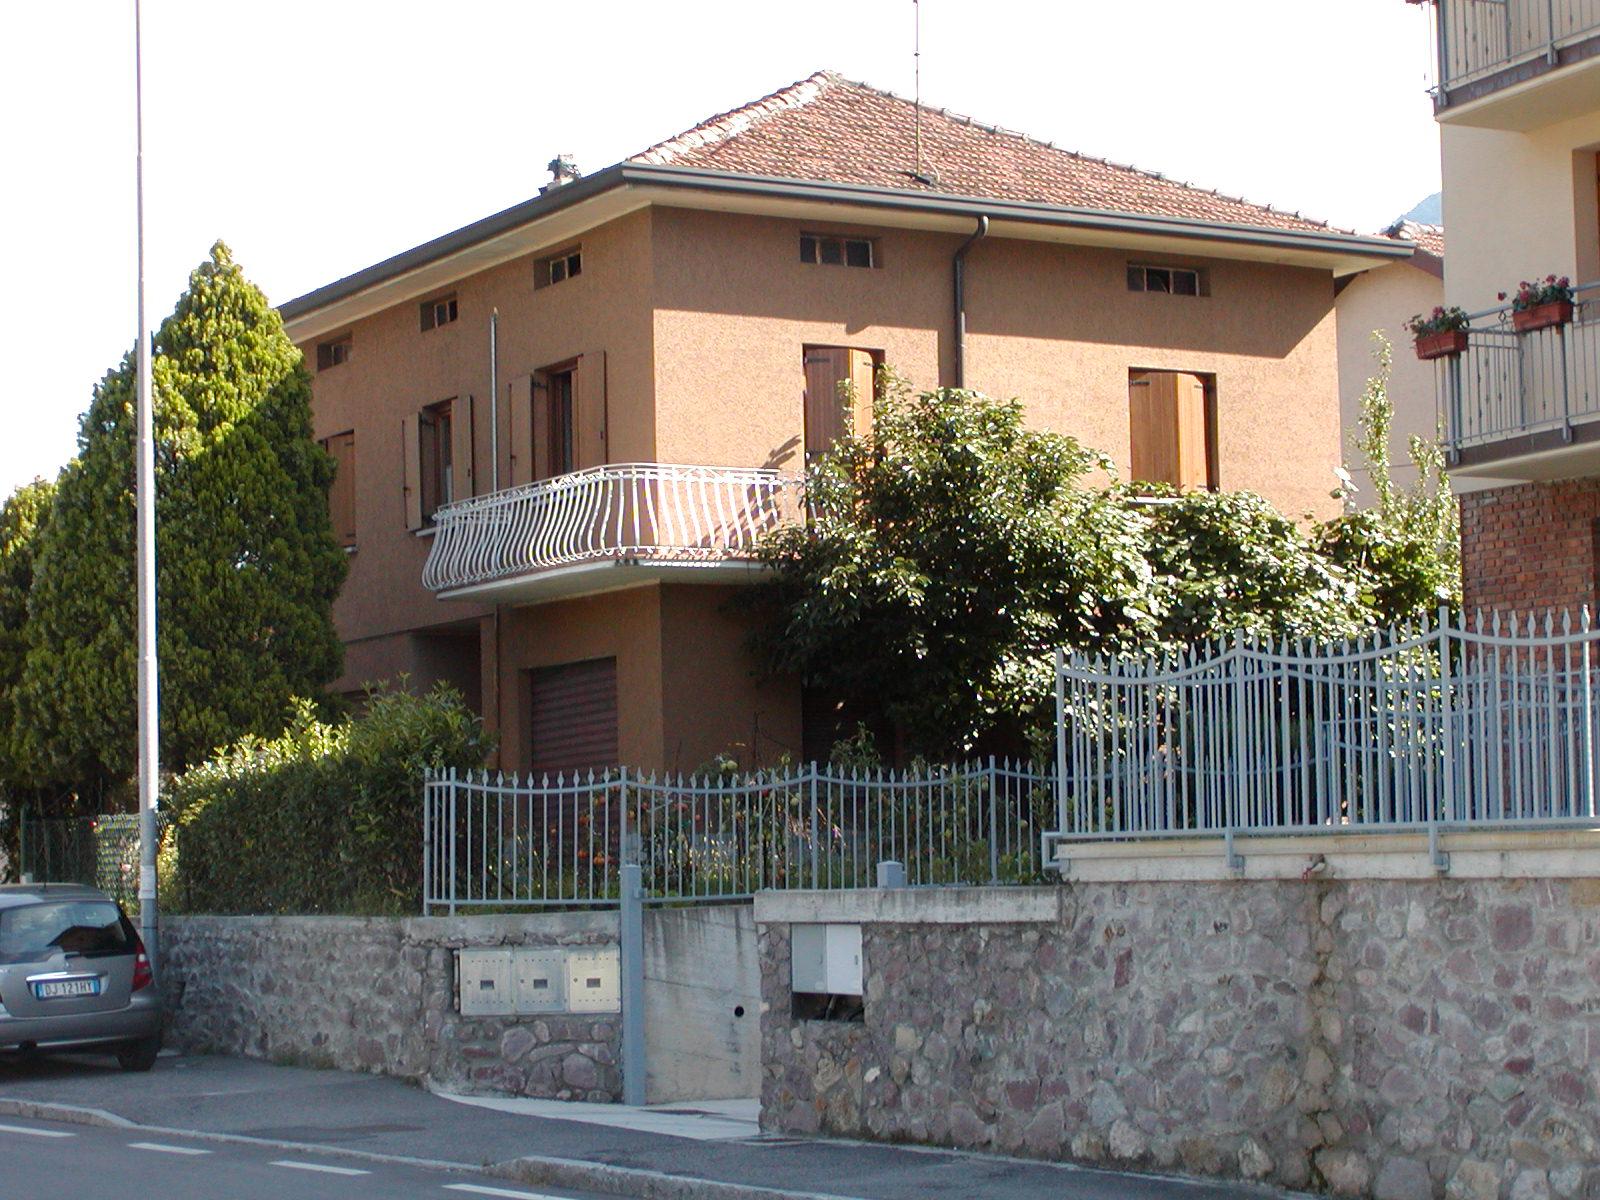 Studio-di-architettura-Baisotti-Sigala-prgetti46